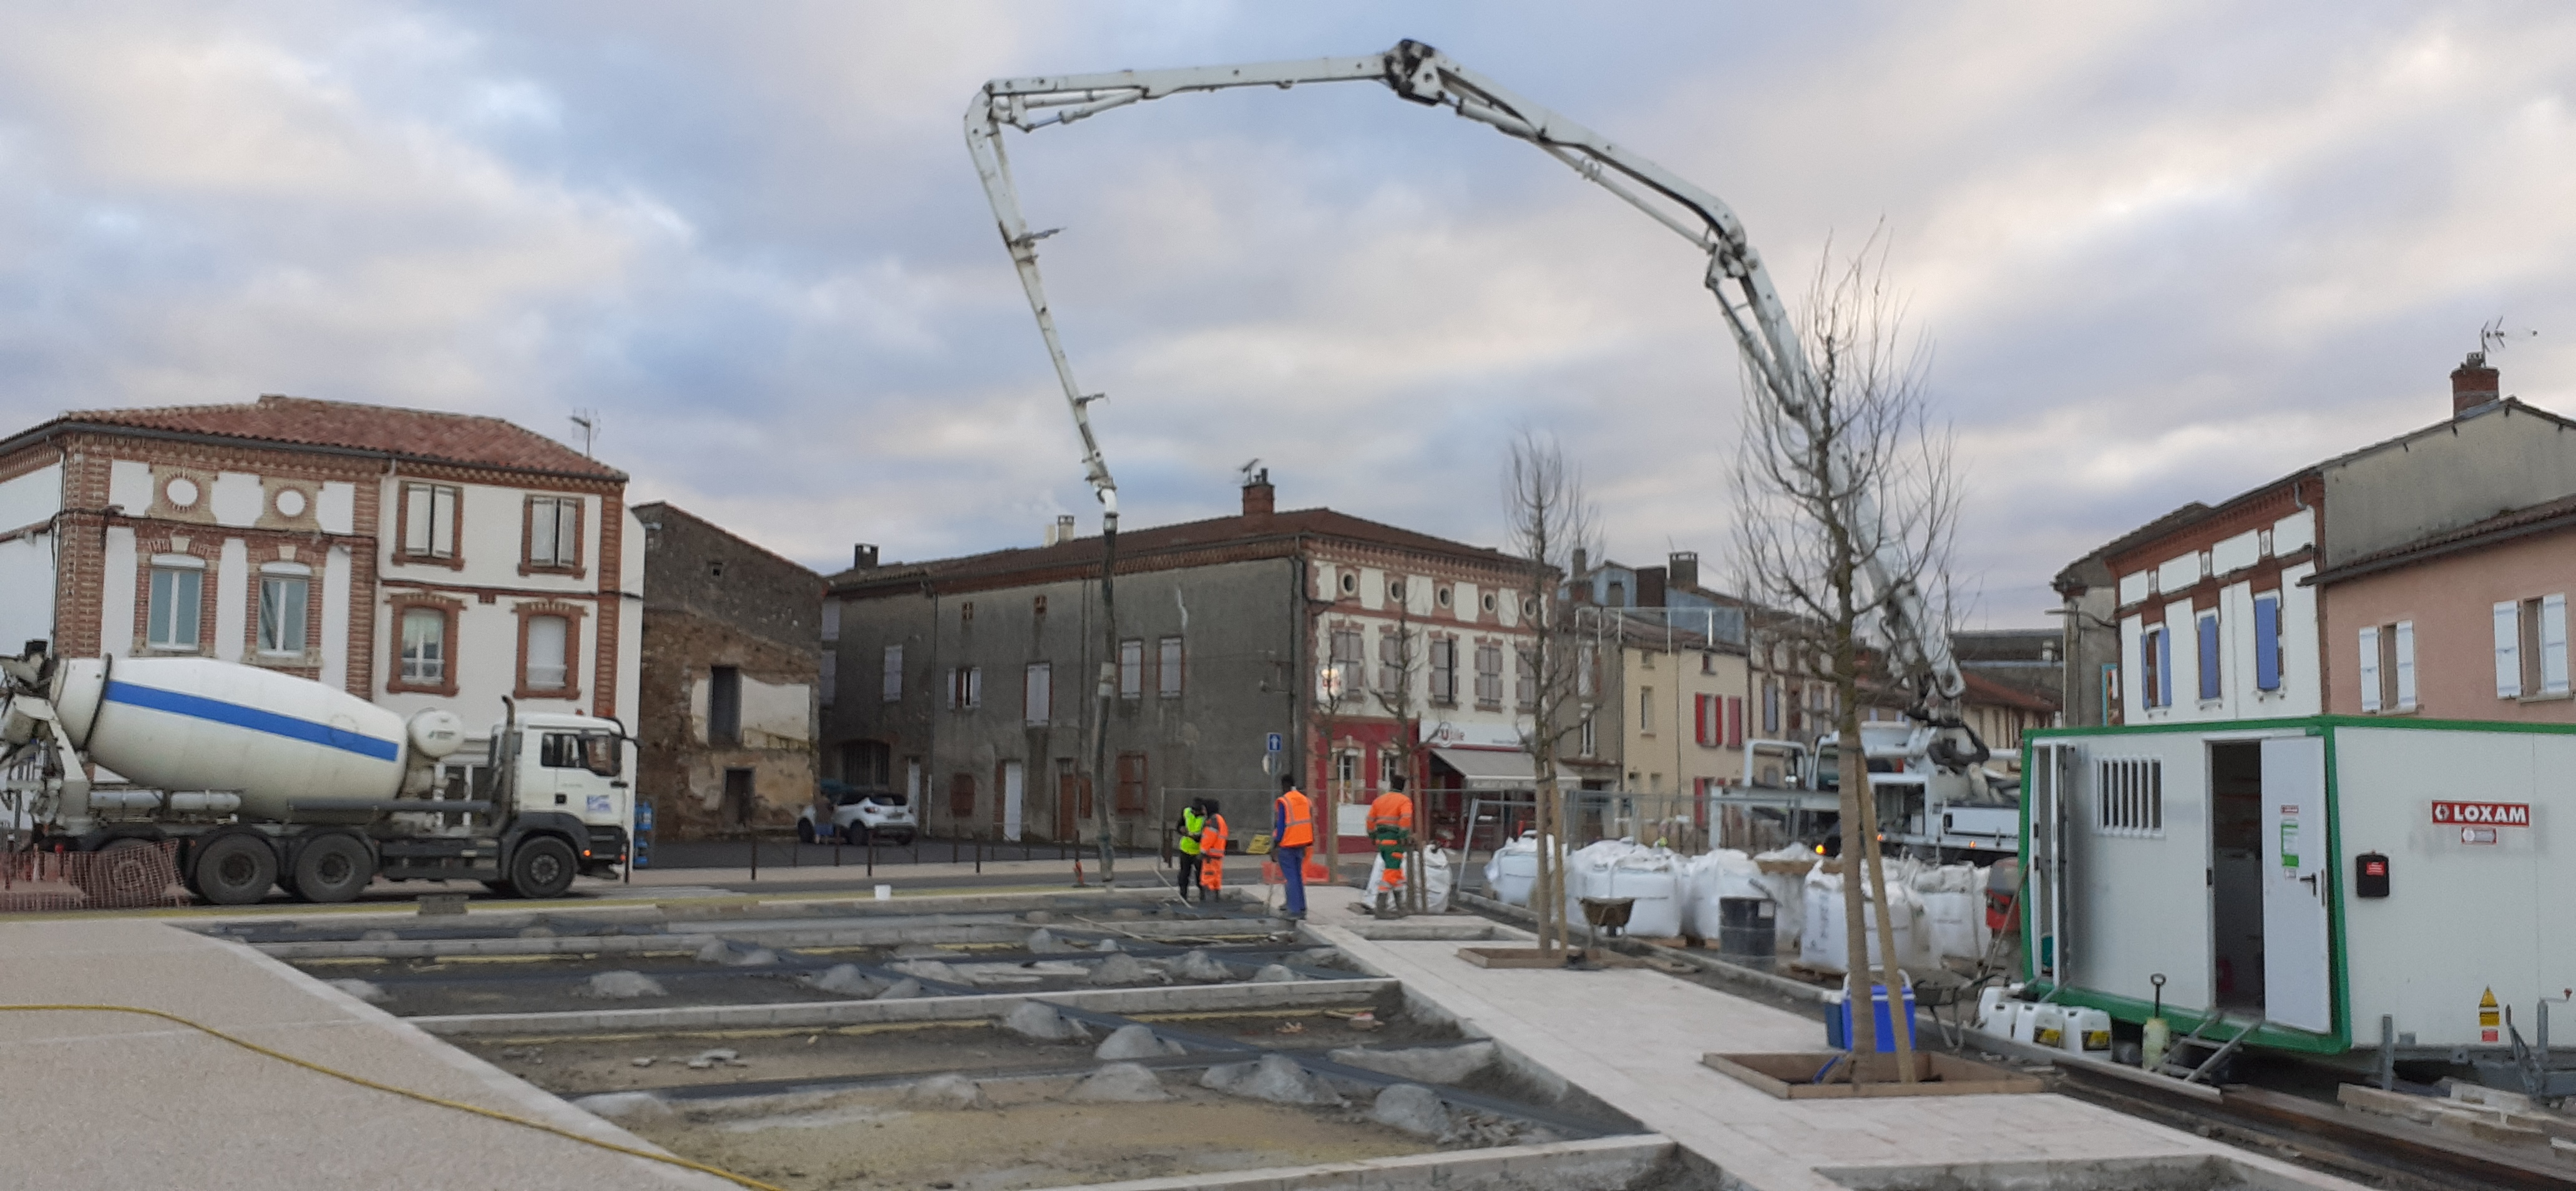 Chantier aménagement place Bascule 5 février 2020 3